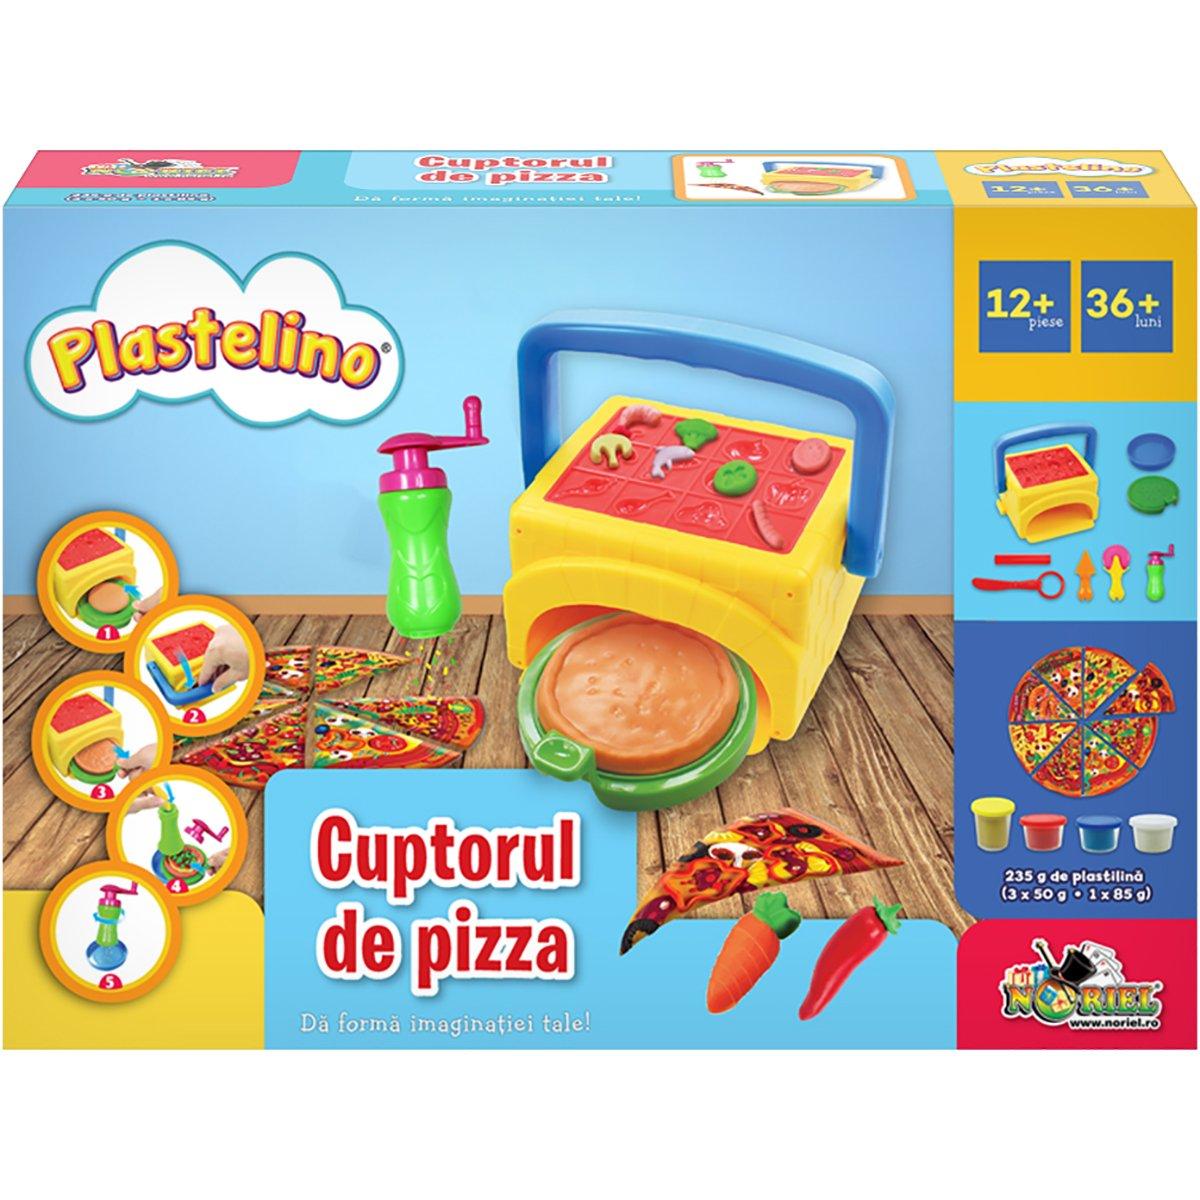 Set de joaca Plastelino, Cuptorul de pizza